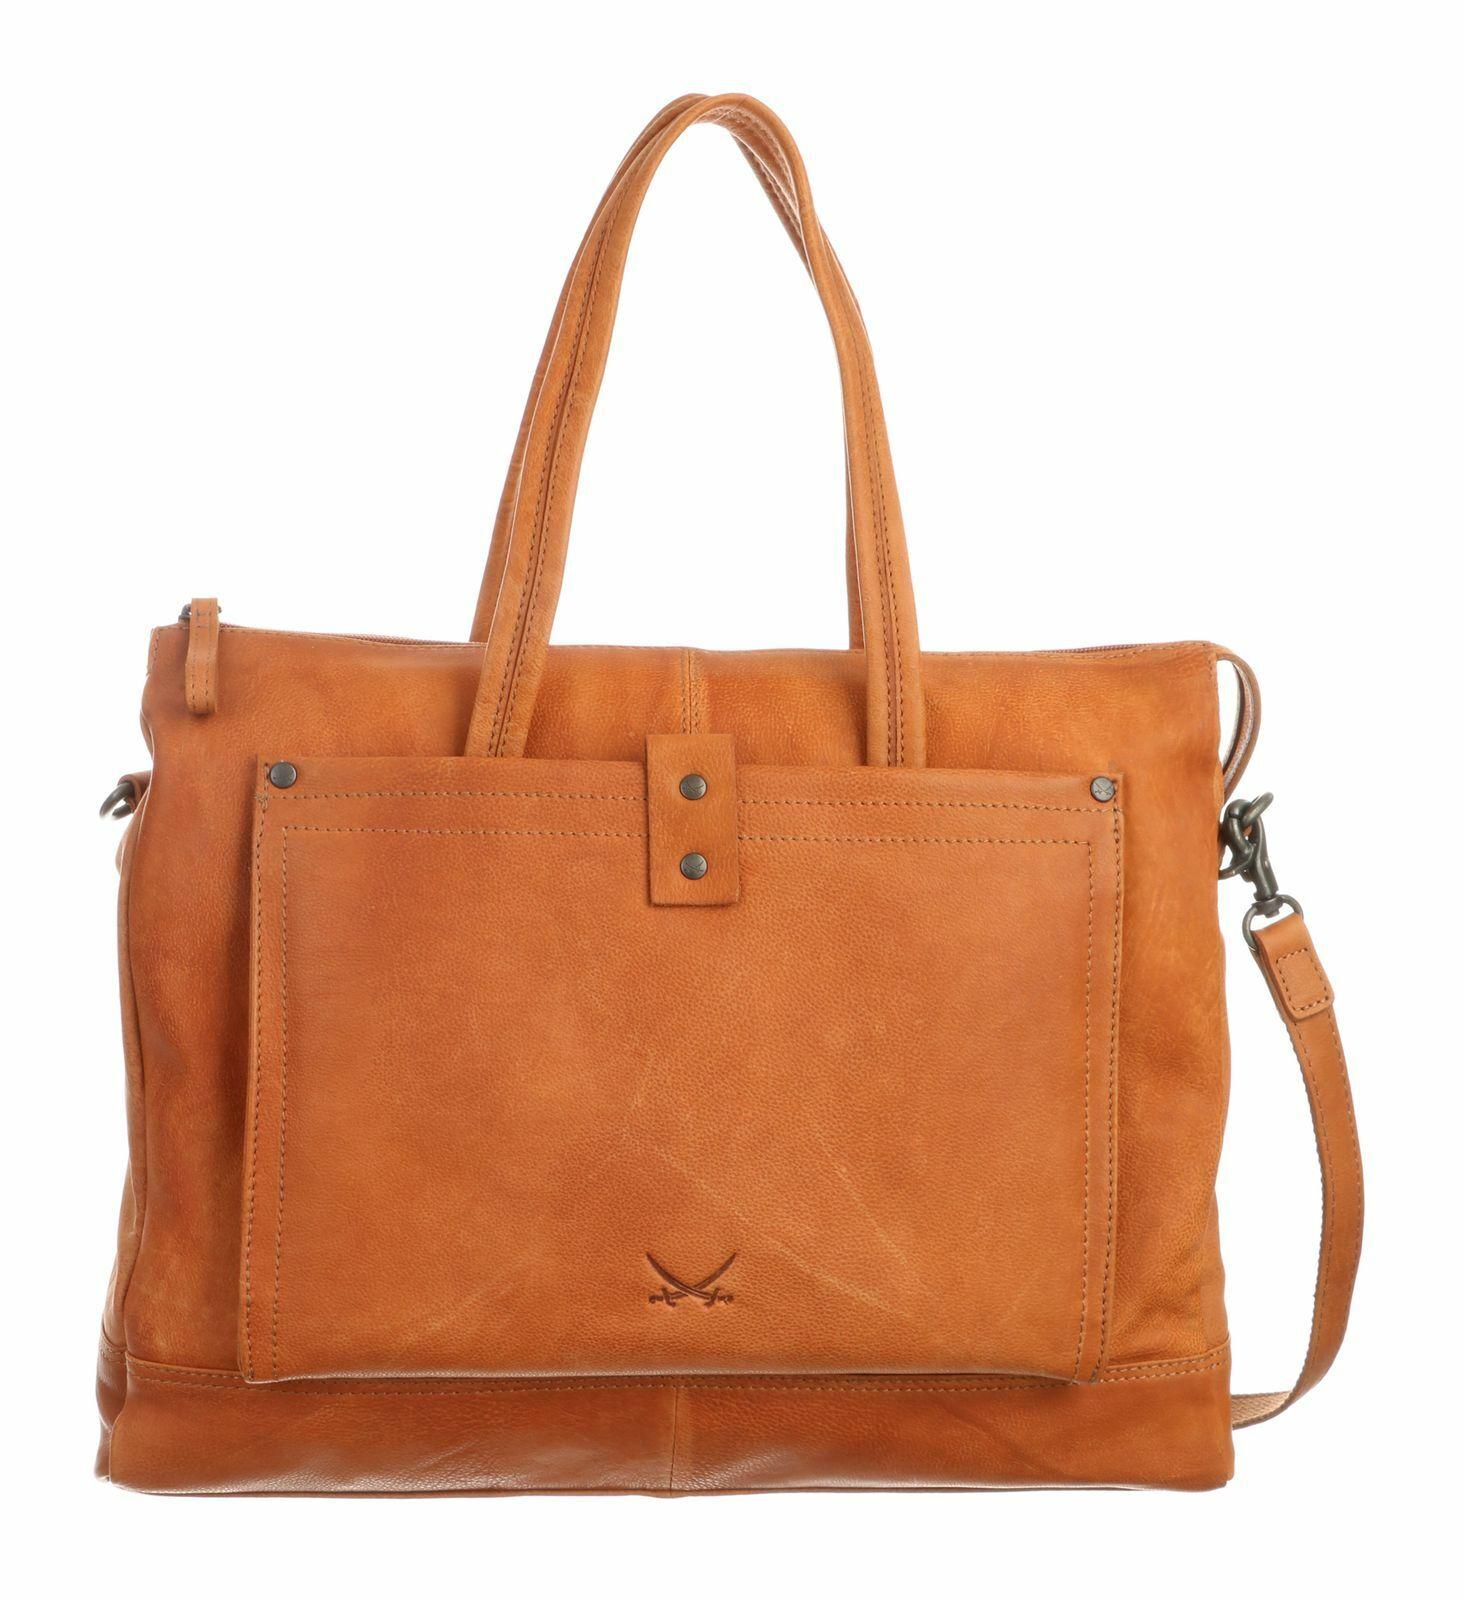 Sansibar Shopper Bag Bag Bag Shopper Schultertasche Tasche Tan Braun Neu   | Kaufen Sie beruhigt und glücklich spielen  | Einfach zu bedienen  | Marke  8d8fac